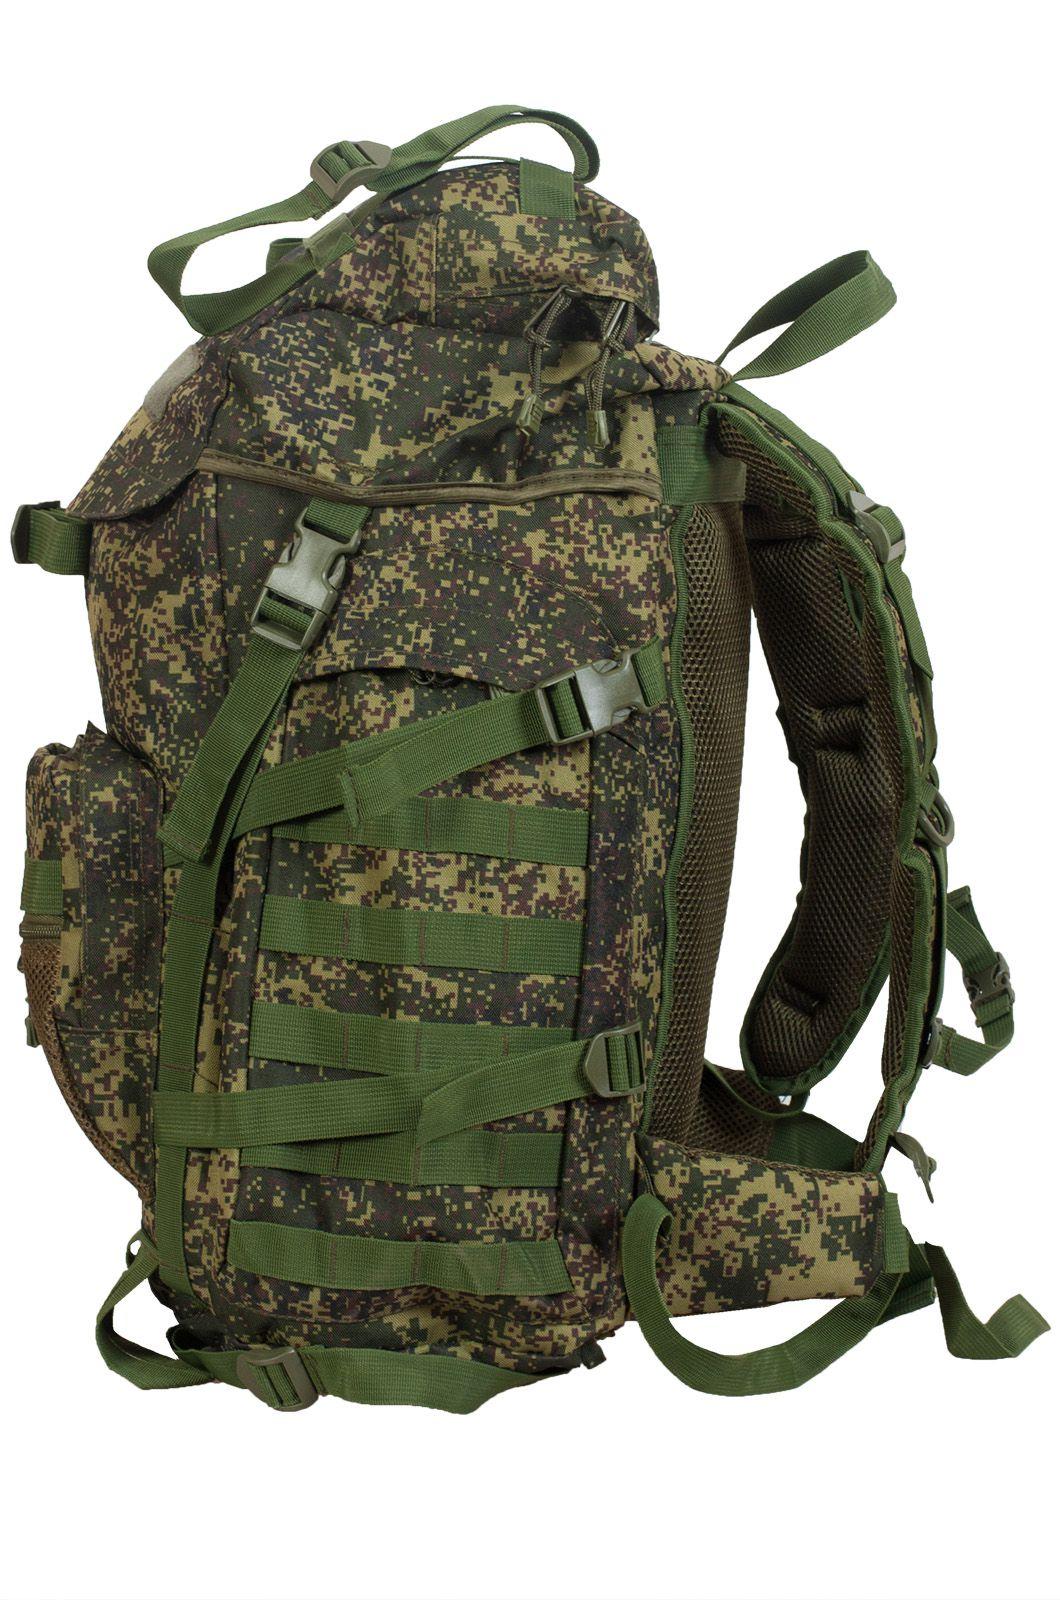 Рейдовый камуфляжный рюкзак с нашивкой УГРО - купить оптом